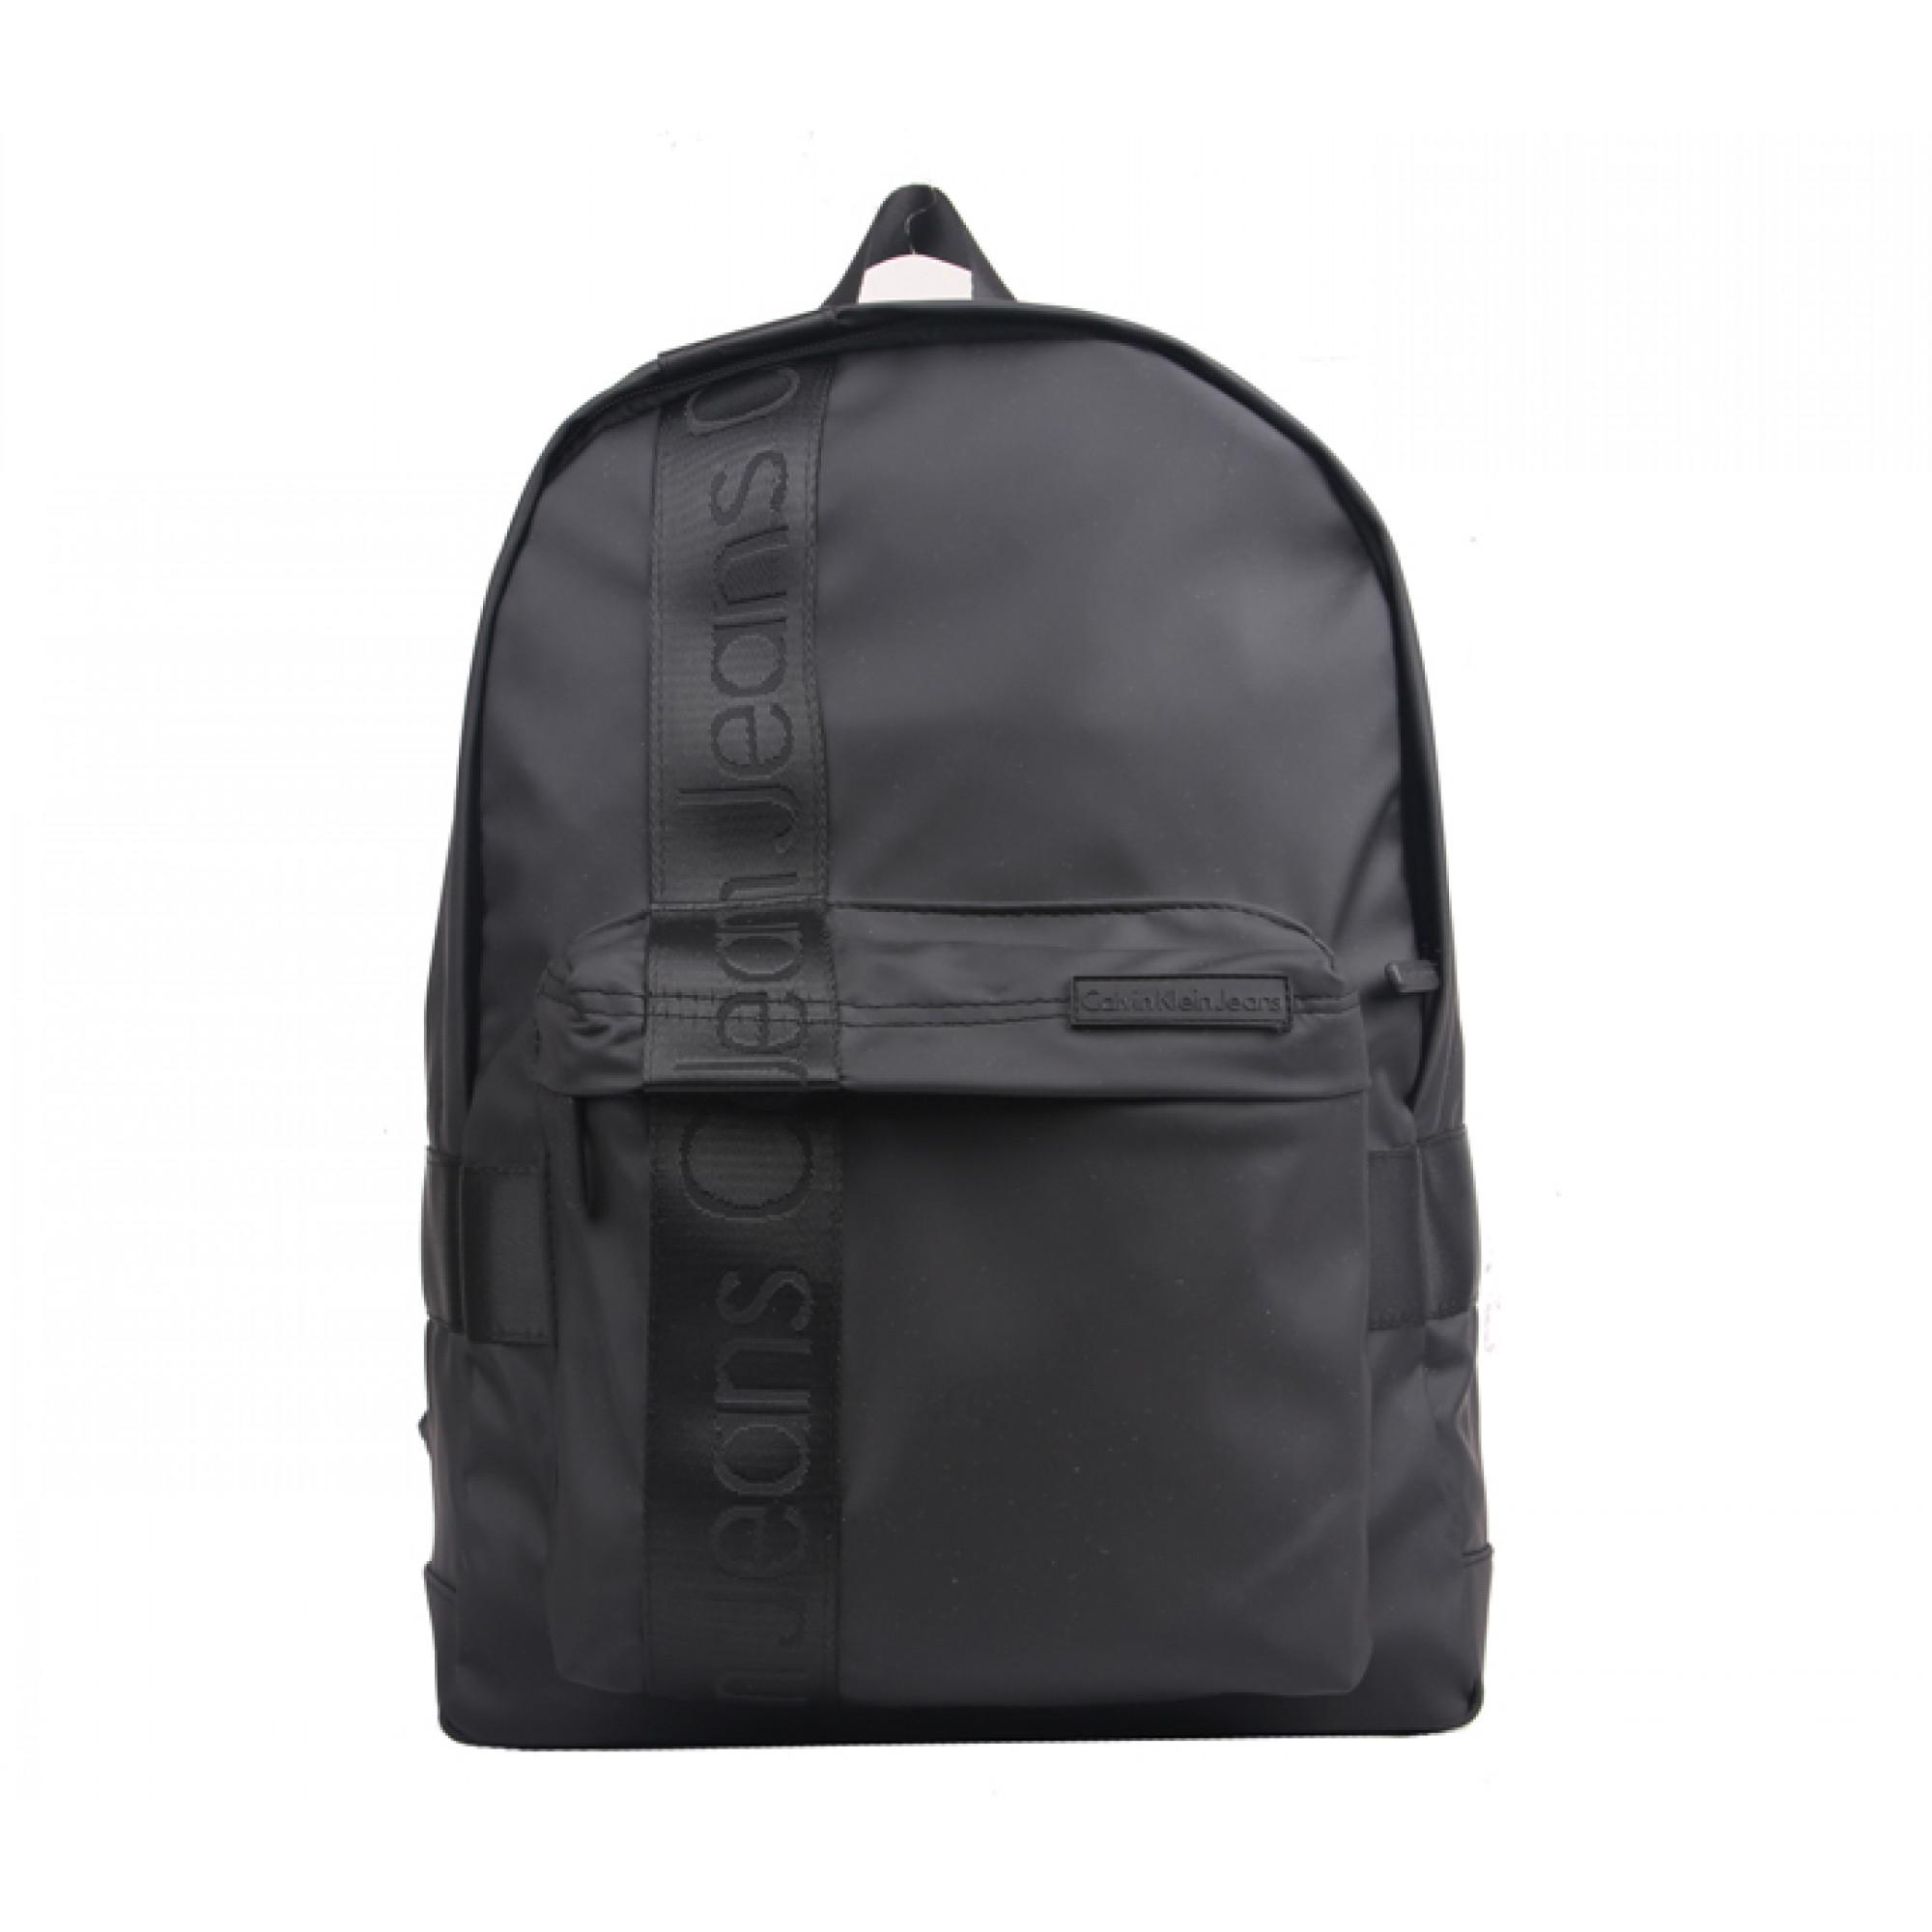 55a63e51994a7 Купить рюкзак Calvin Klein в черном цвете — в Киеве, код товара 23997